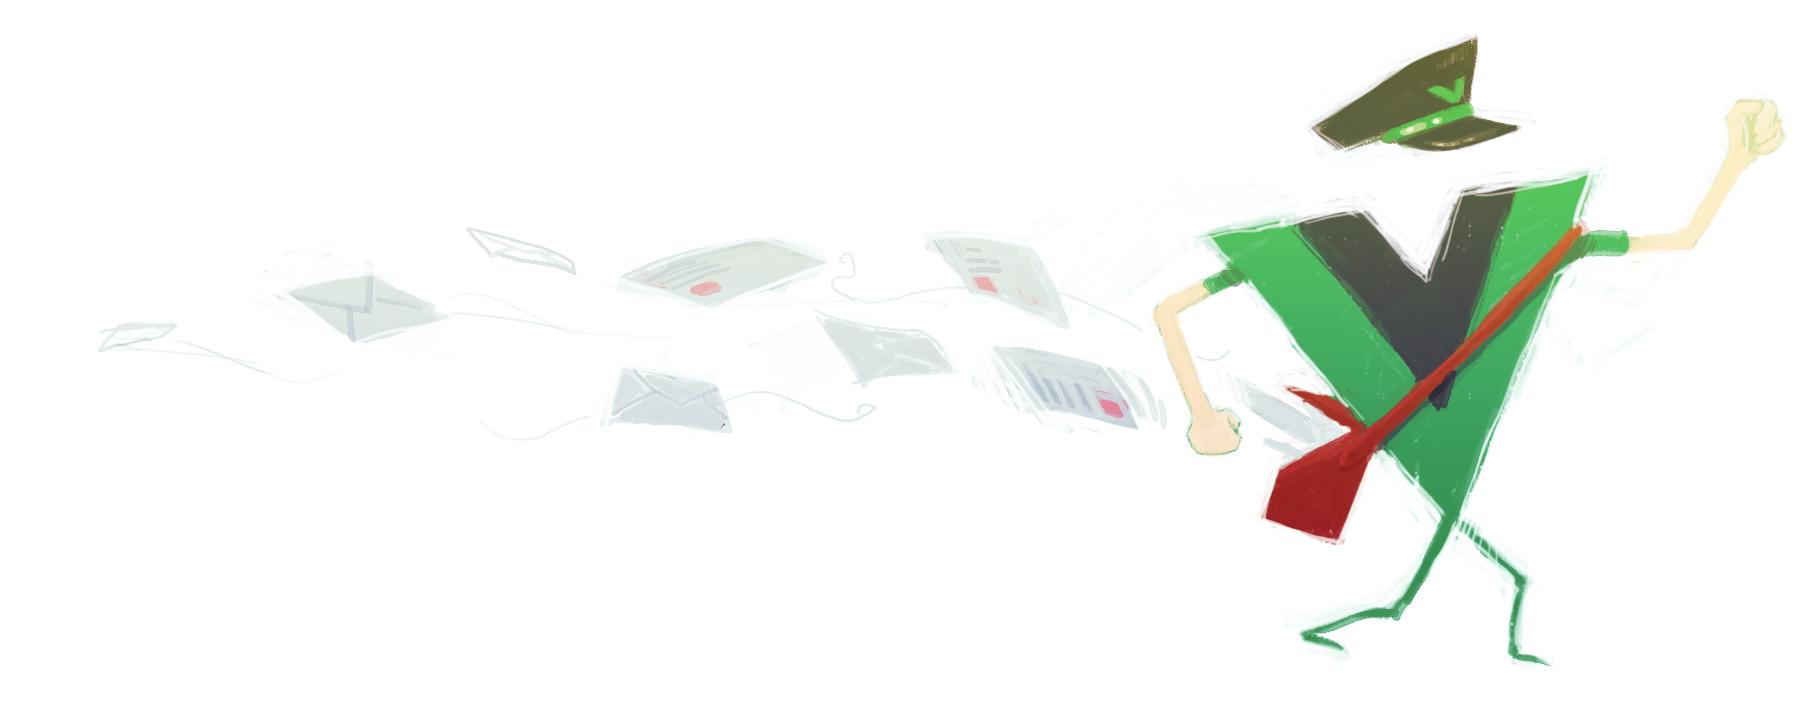 Vue js Newsletter #55: Storybook for Vue! New release for